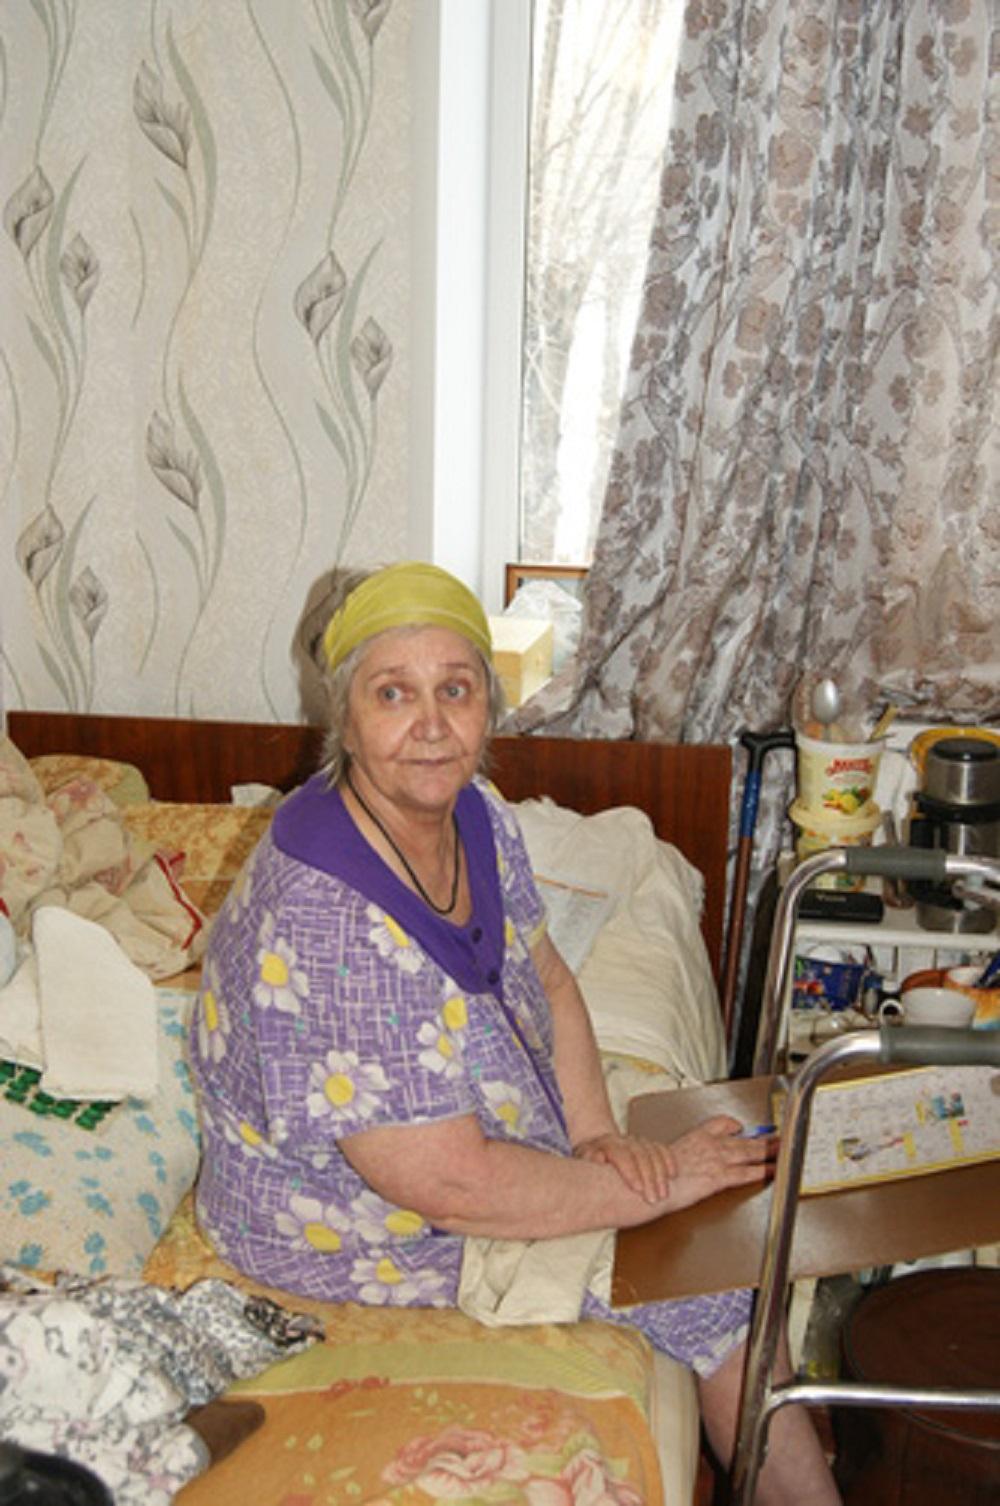 Историю о женщине из Магнитогорска агентство «Урал-пресс-информ» рассказывало ранее. 68-летнюю Ли